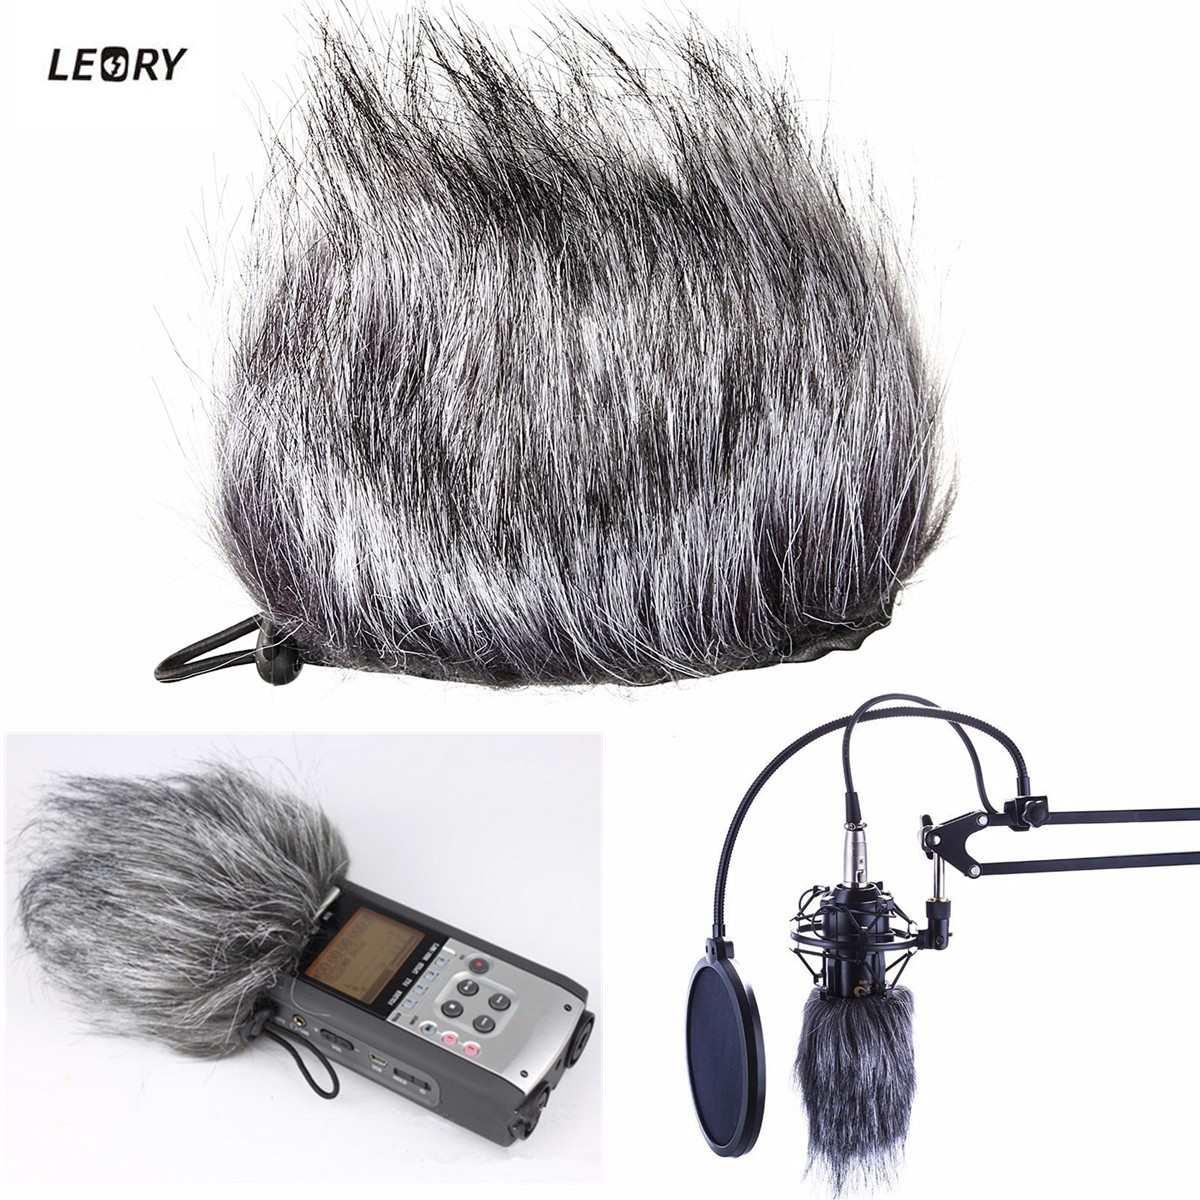 Leory искусственный Мех микрофон муфта ветрового стекла Ветер рукава щита чехол для зум H1 H2N H4N Q3 для Sony D50 Регистраторы 120x130 мм купить на AliExpress